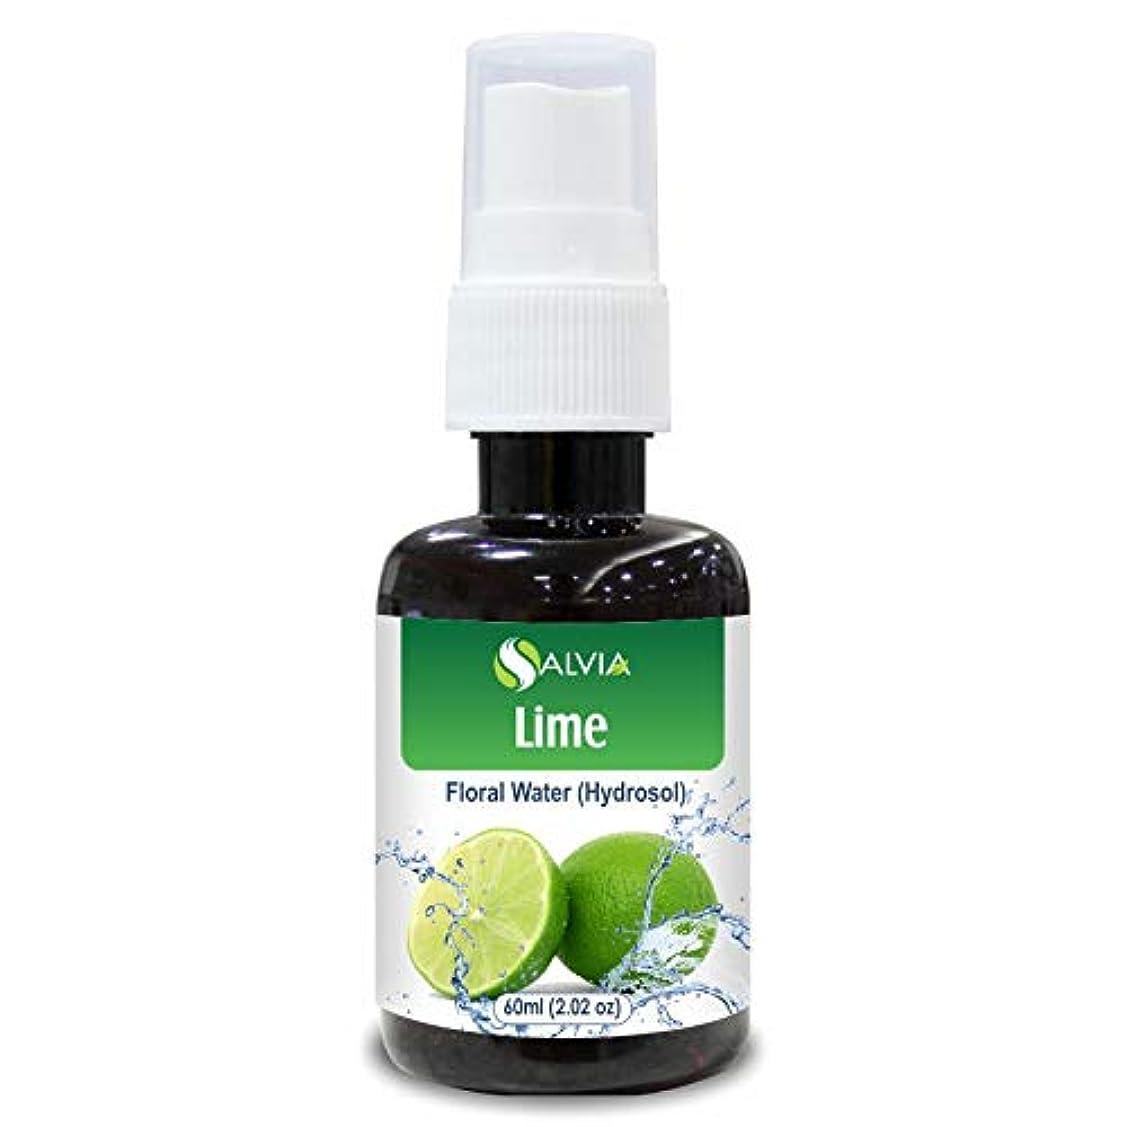 インゲン約束する成長Lime Floral Water 60ml (Hydrosol) 100% Pure And Natural